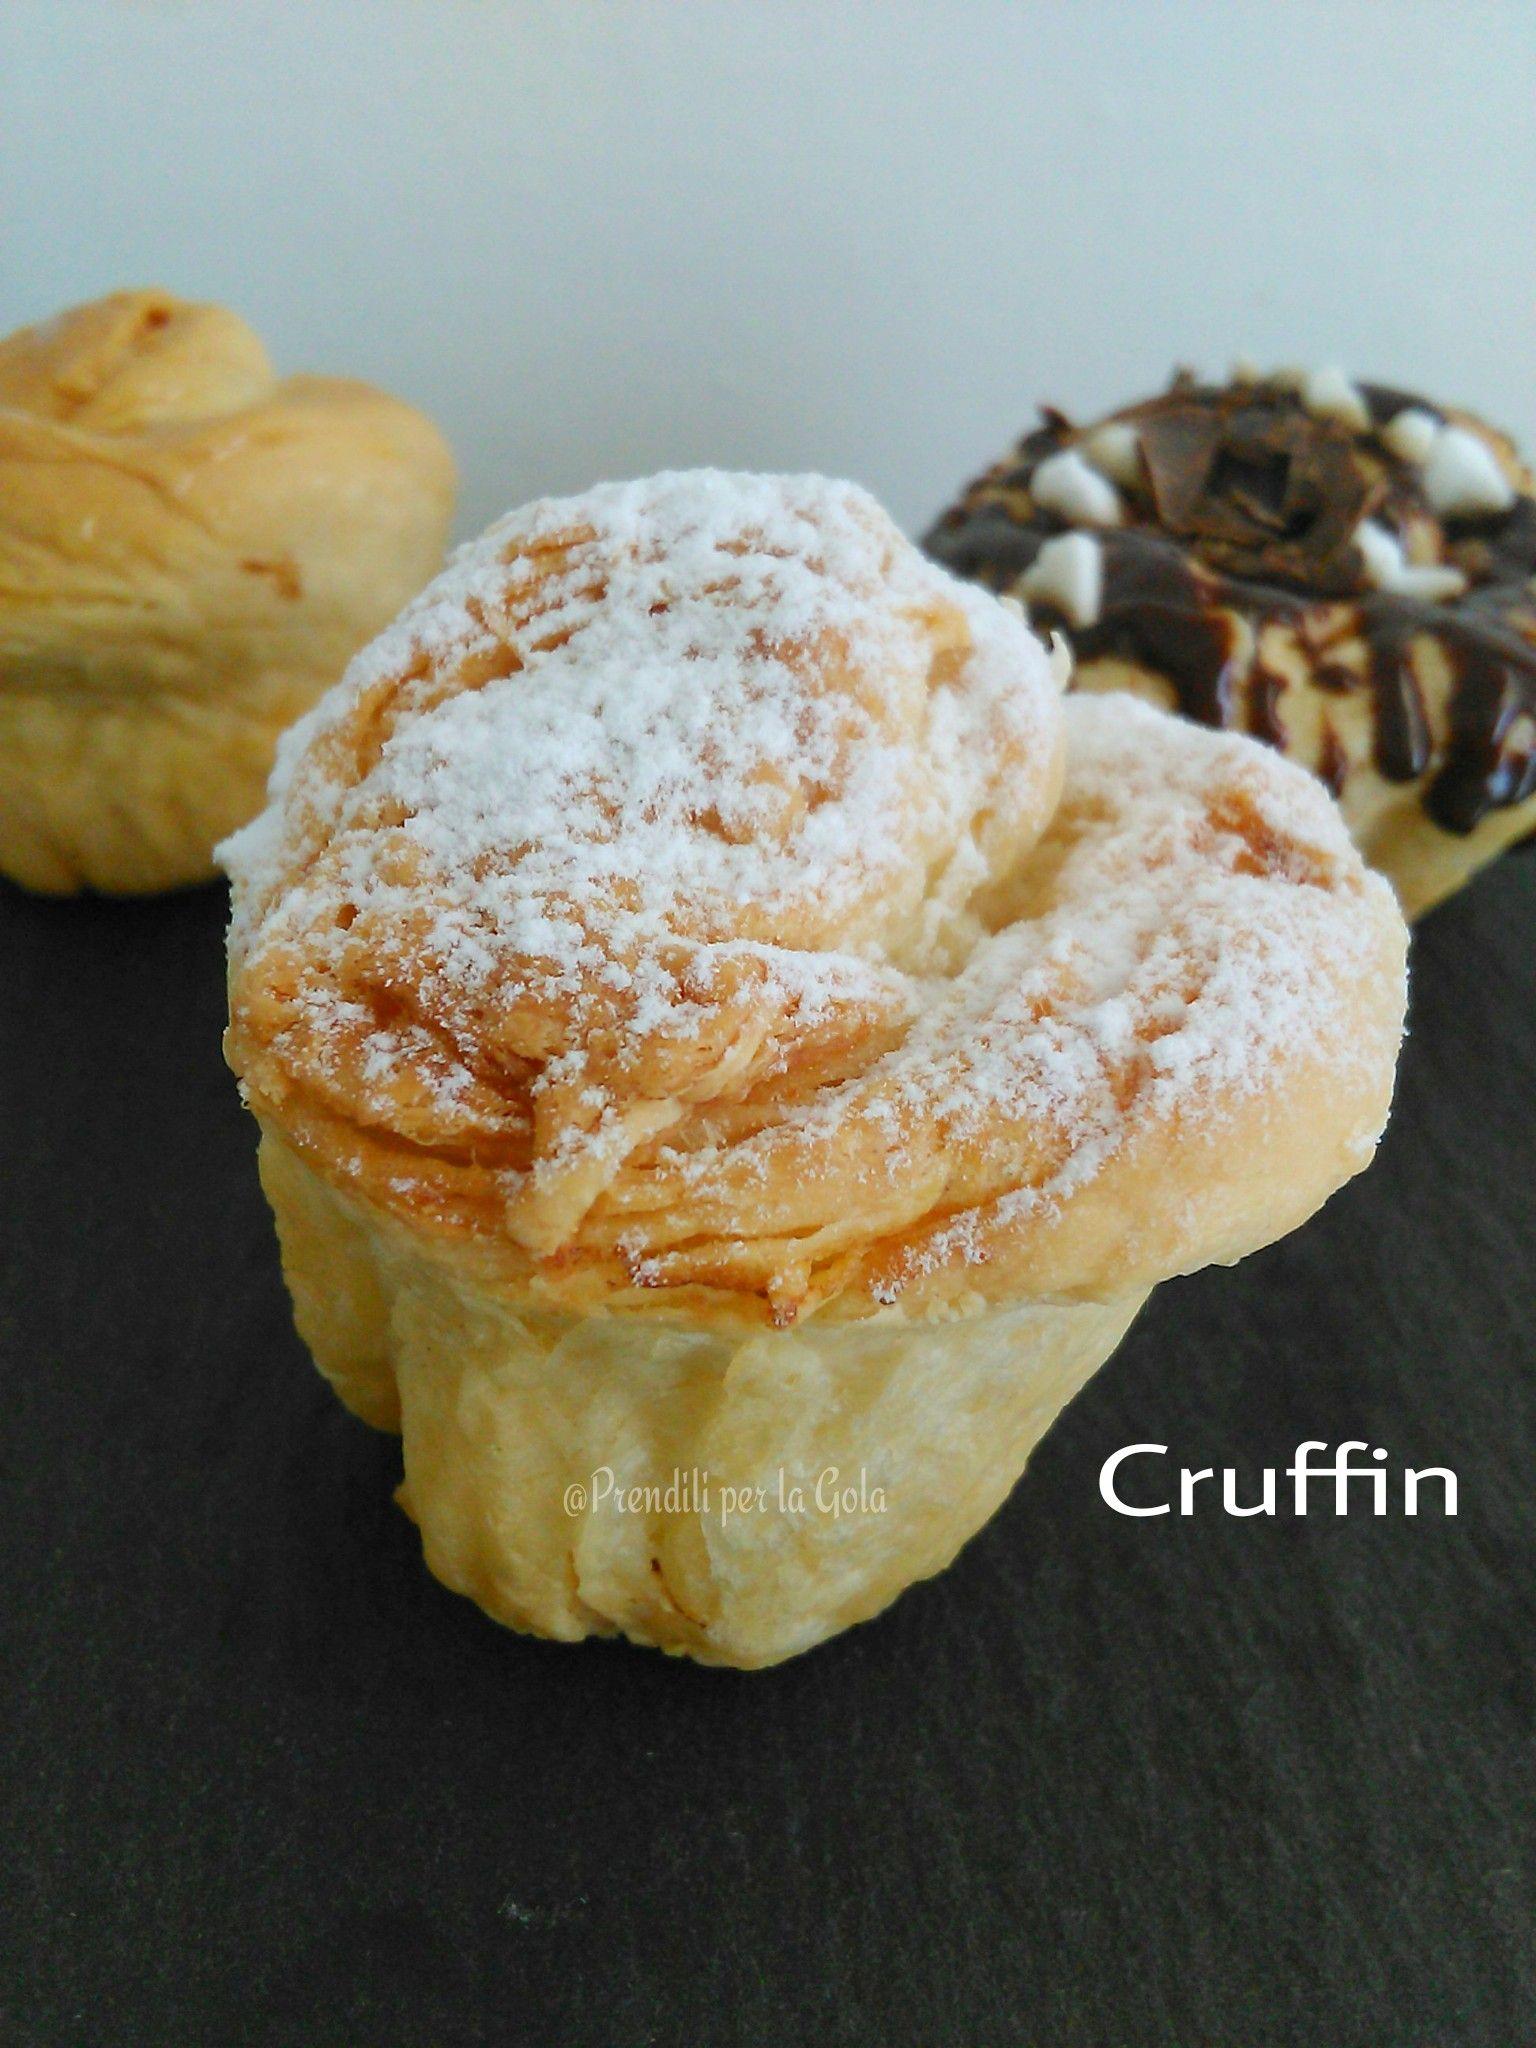 Cruffin, tra il croissant e il muffin